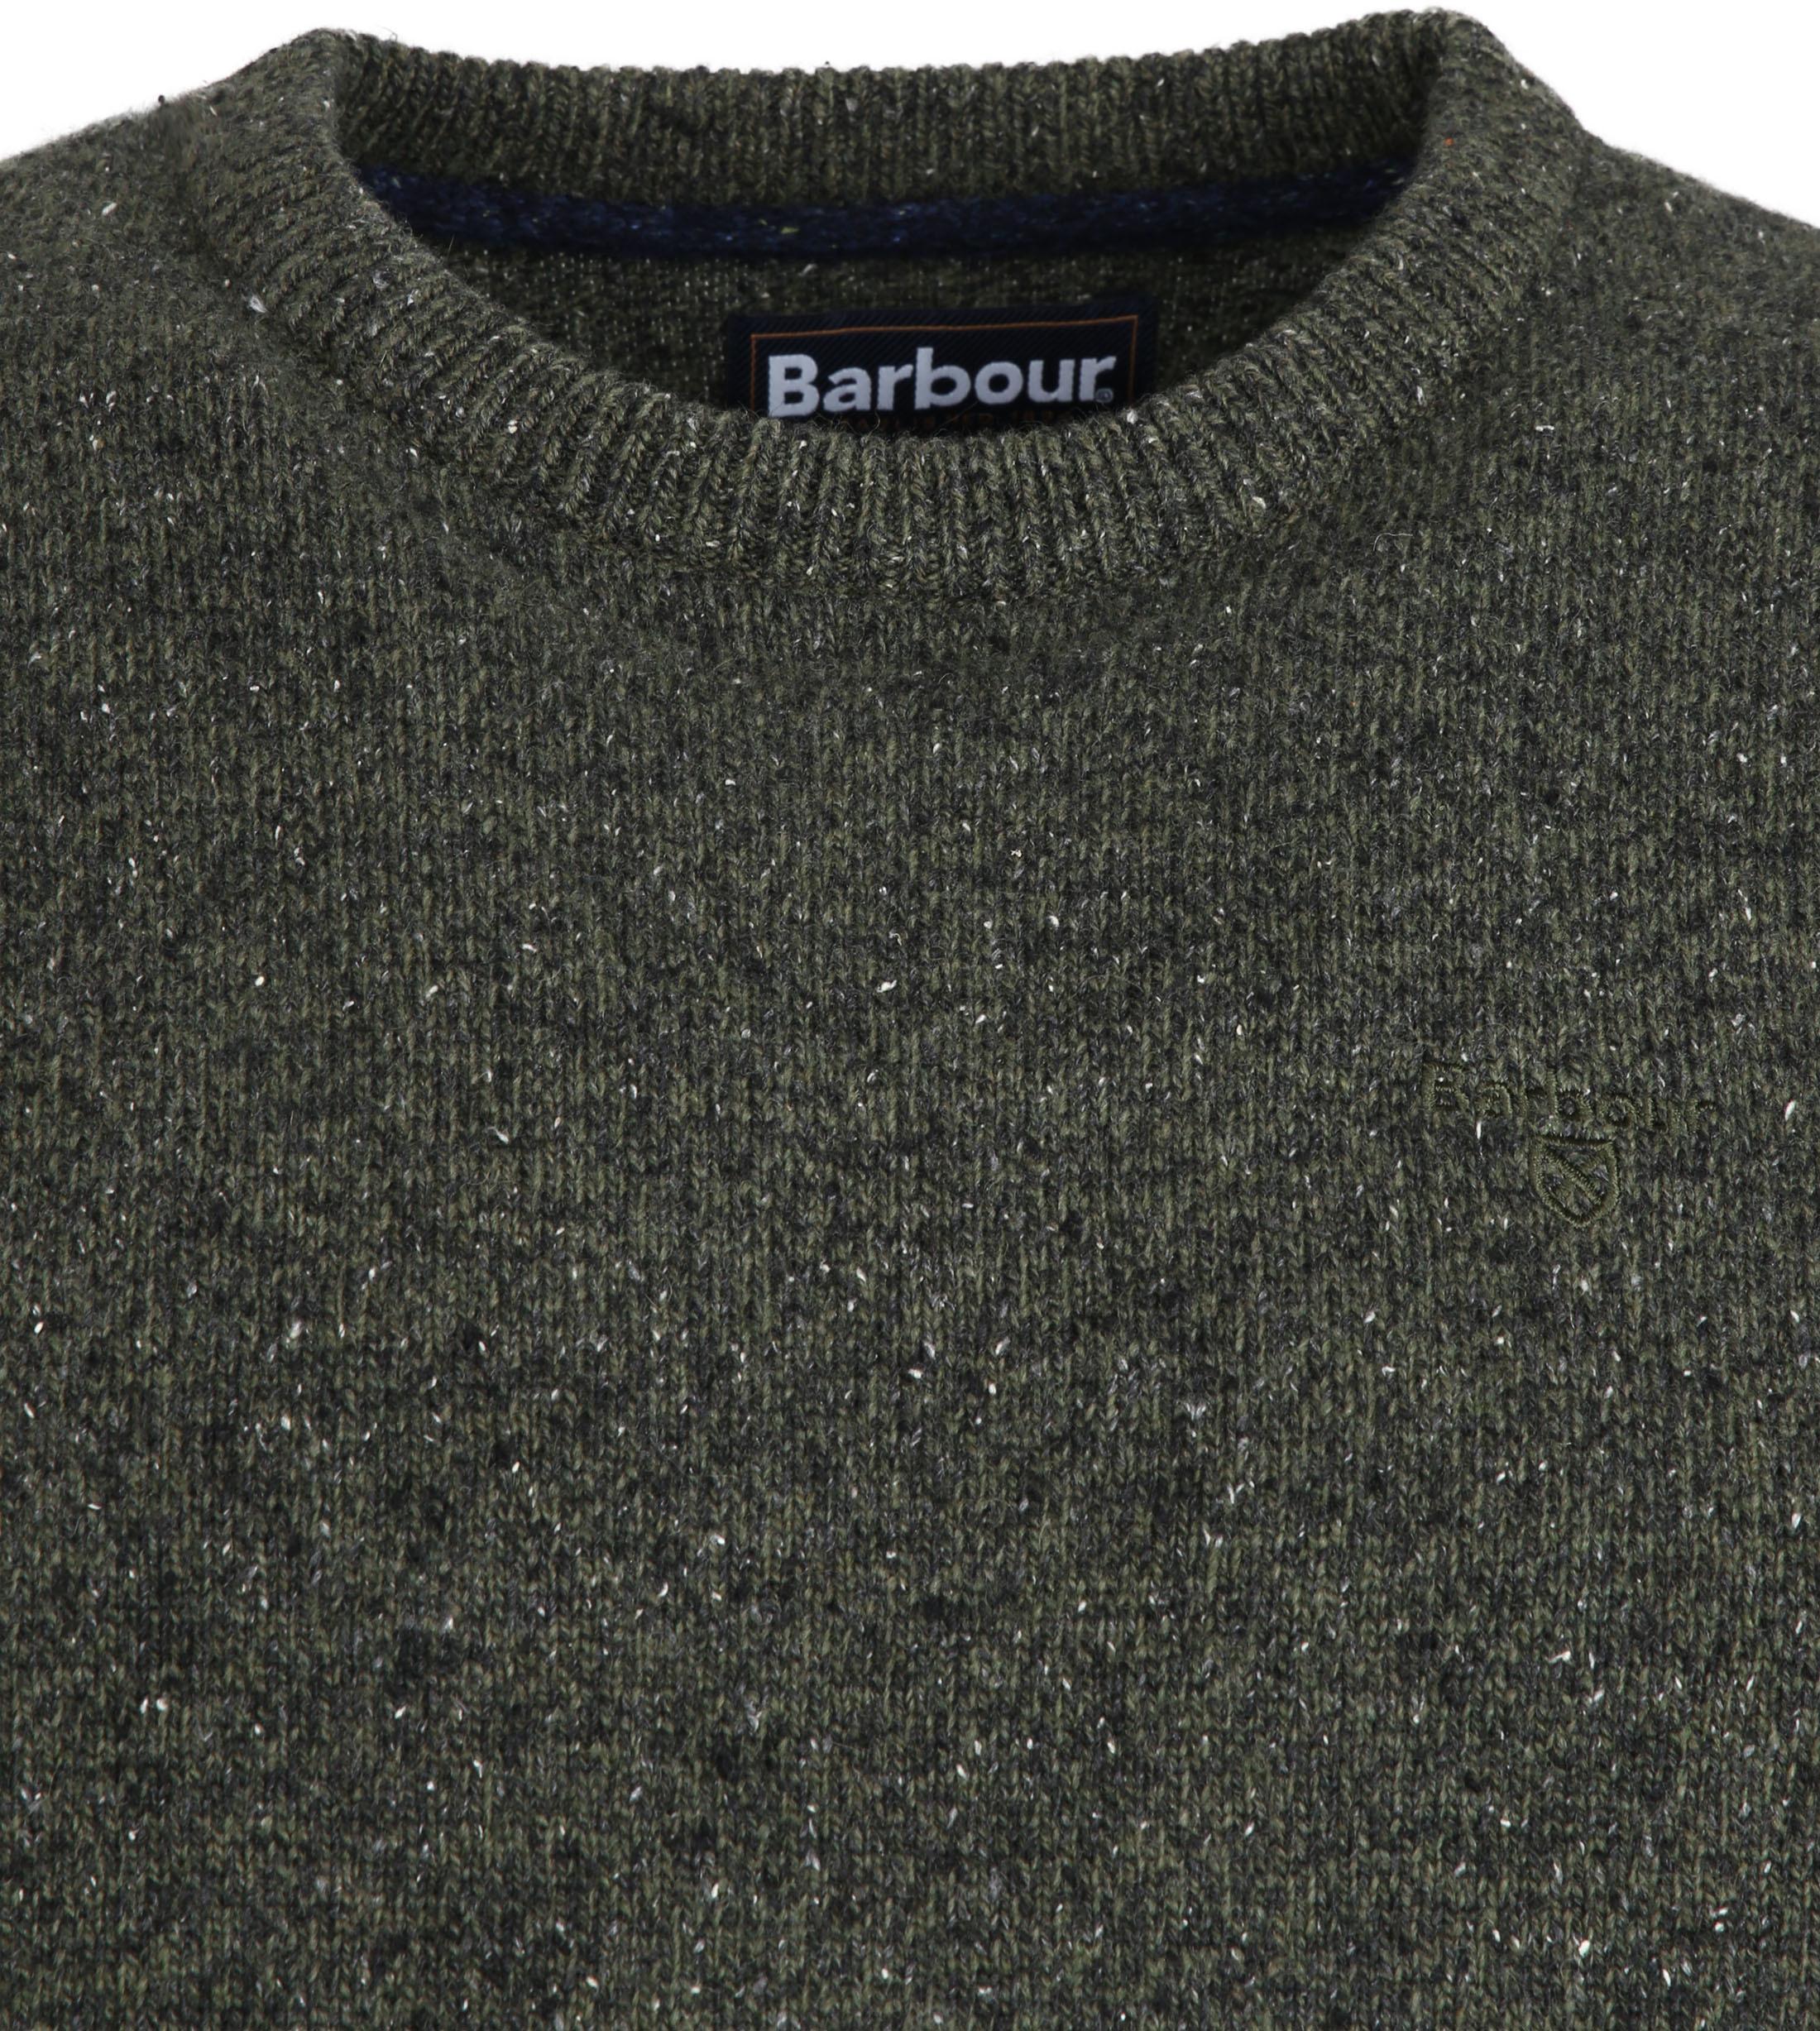 Barbour Tisbury Trui Donkergroen